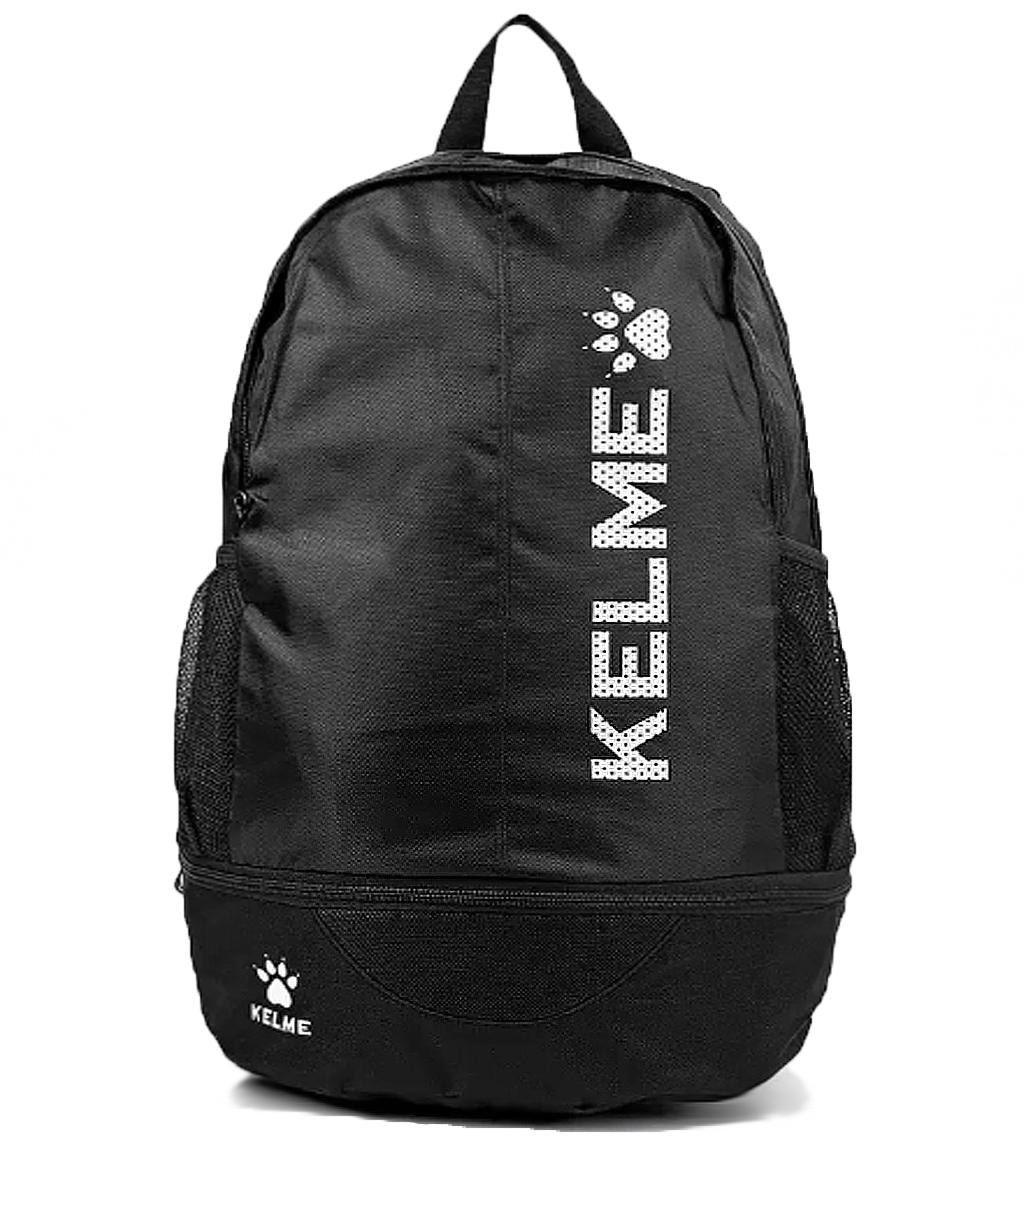 Купить Рюкзак Kelme Backpack 9891020